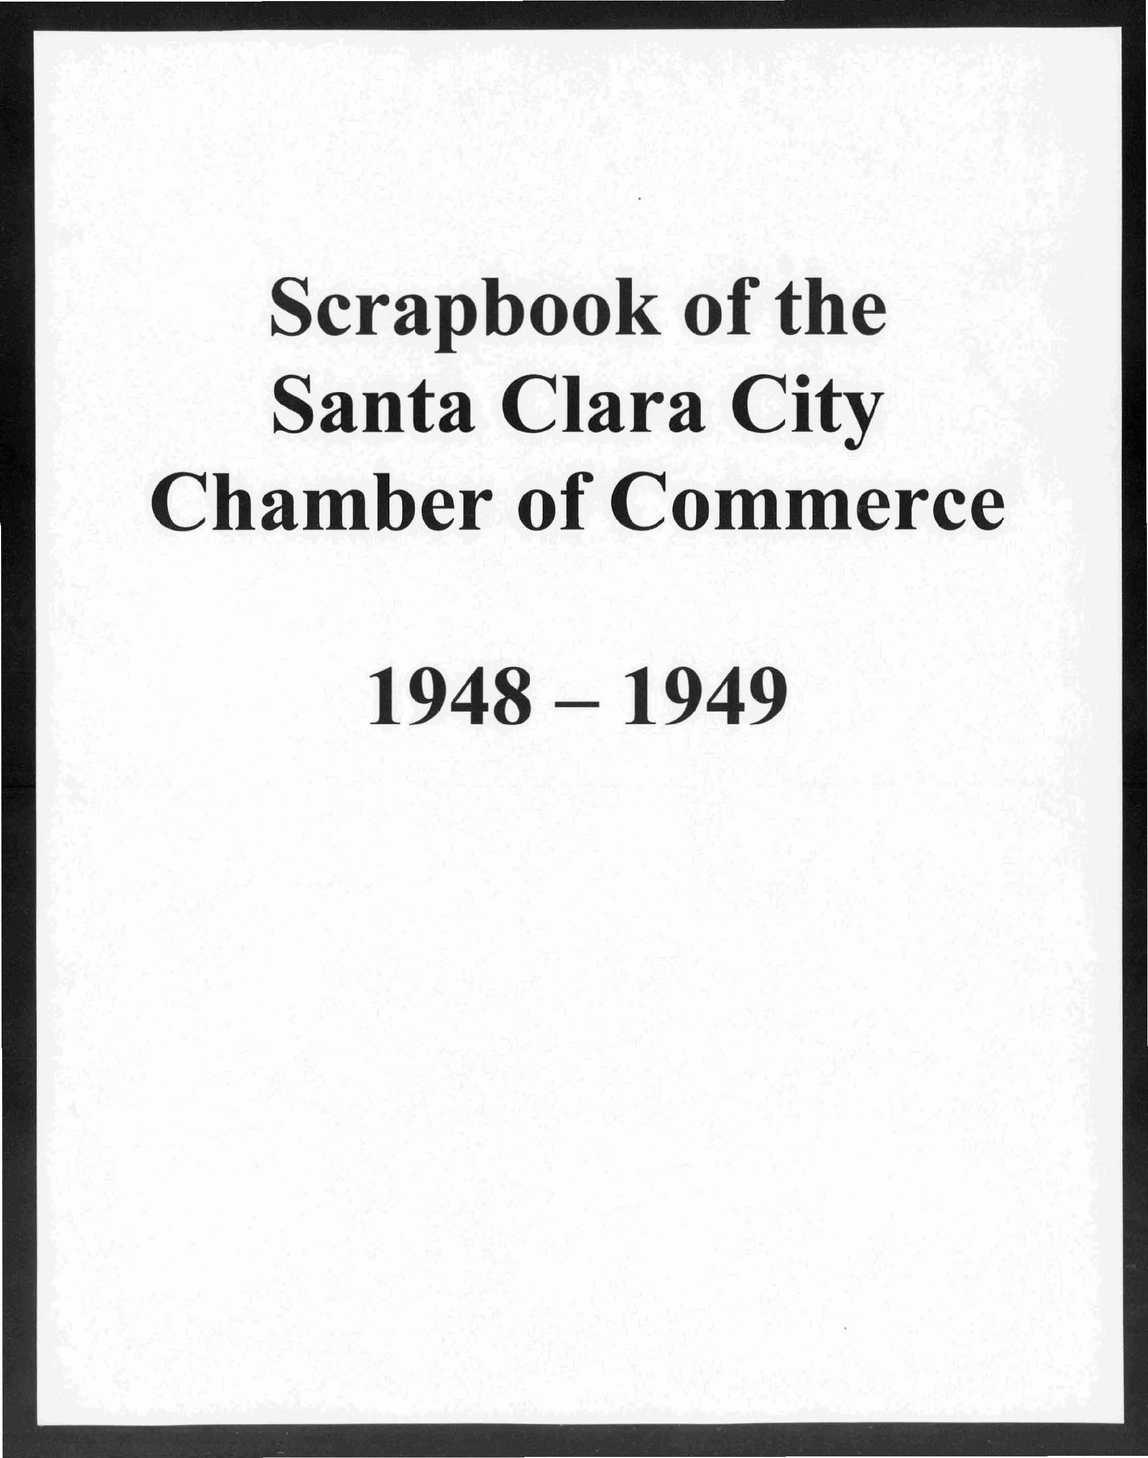 Calaméo - Scrapbook 1948-1949